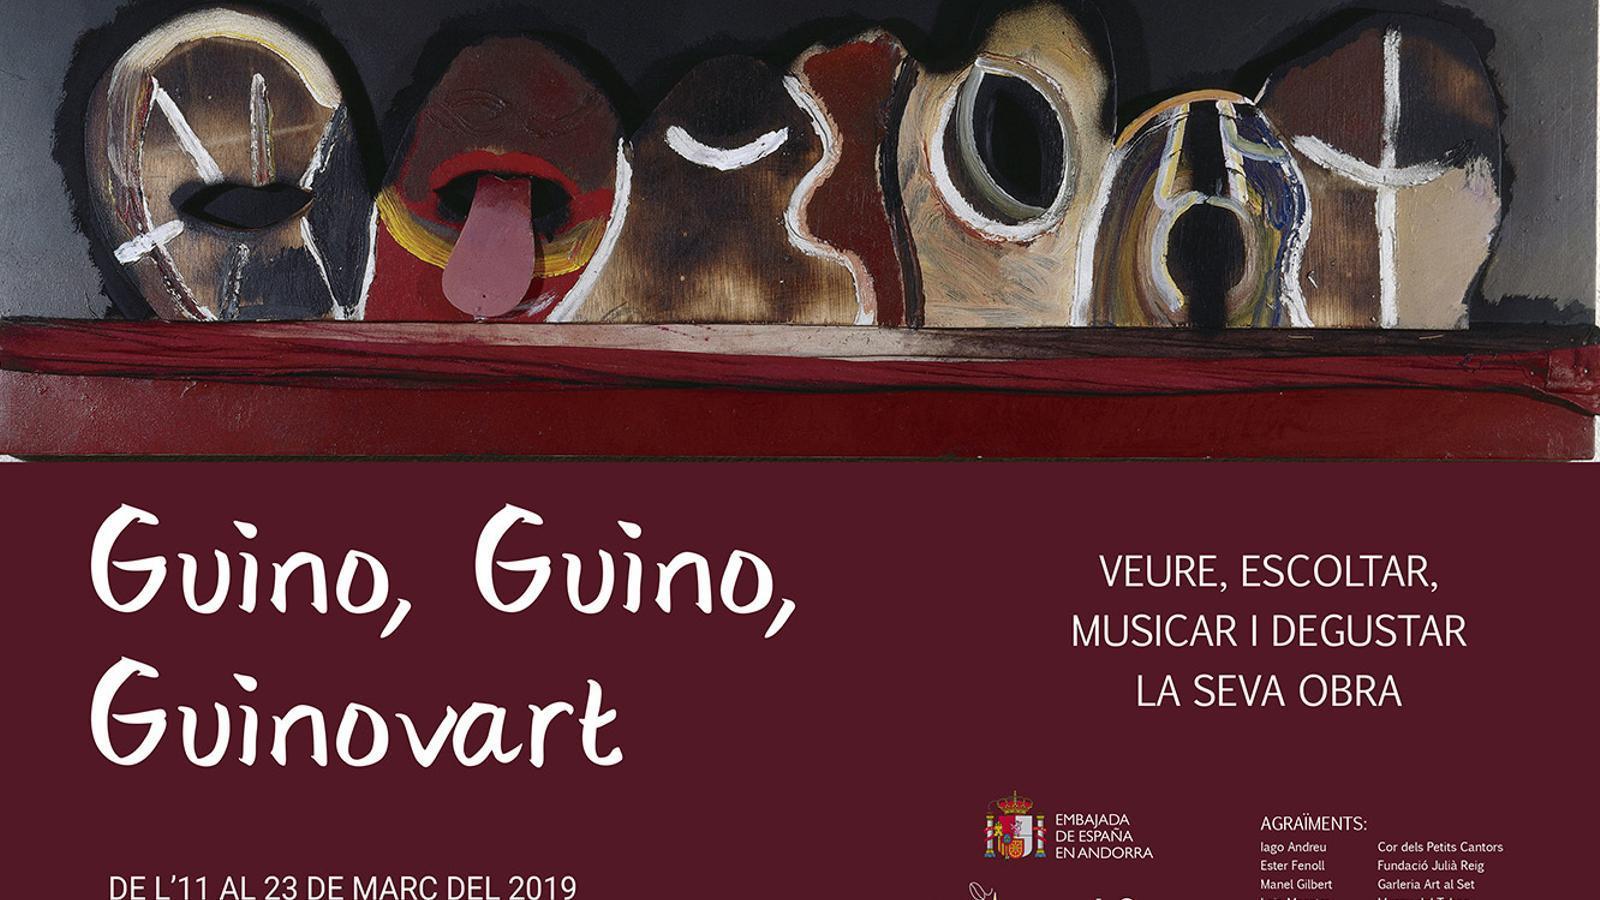 El fulletó que anuncia la mostra de Guinovart. / AMBAIXADA D'ESPANYA